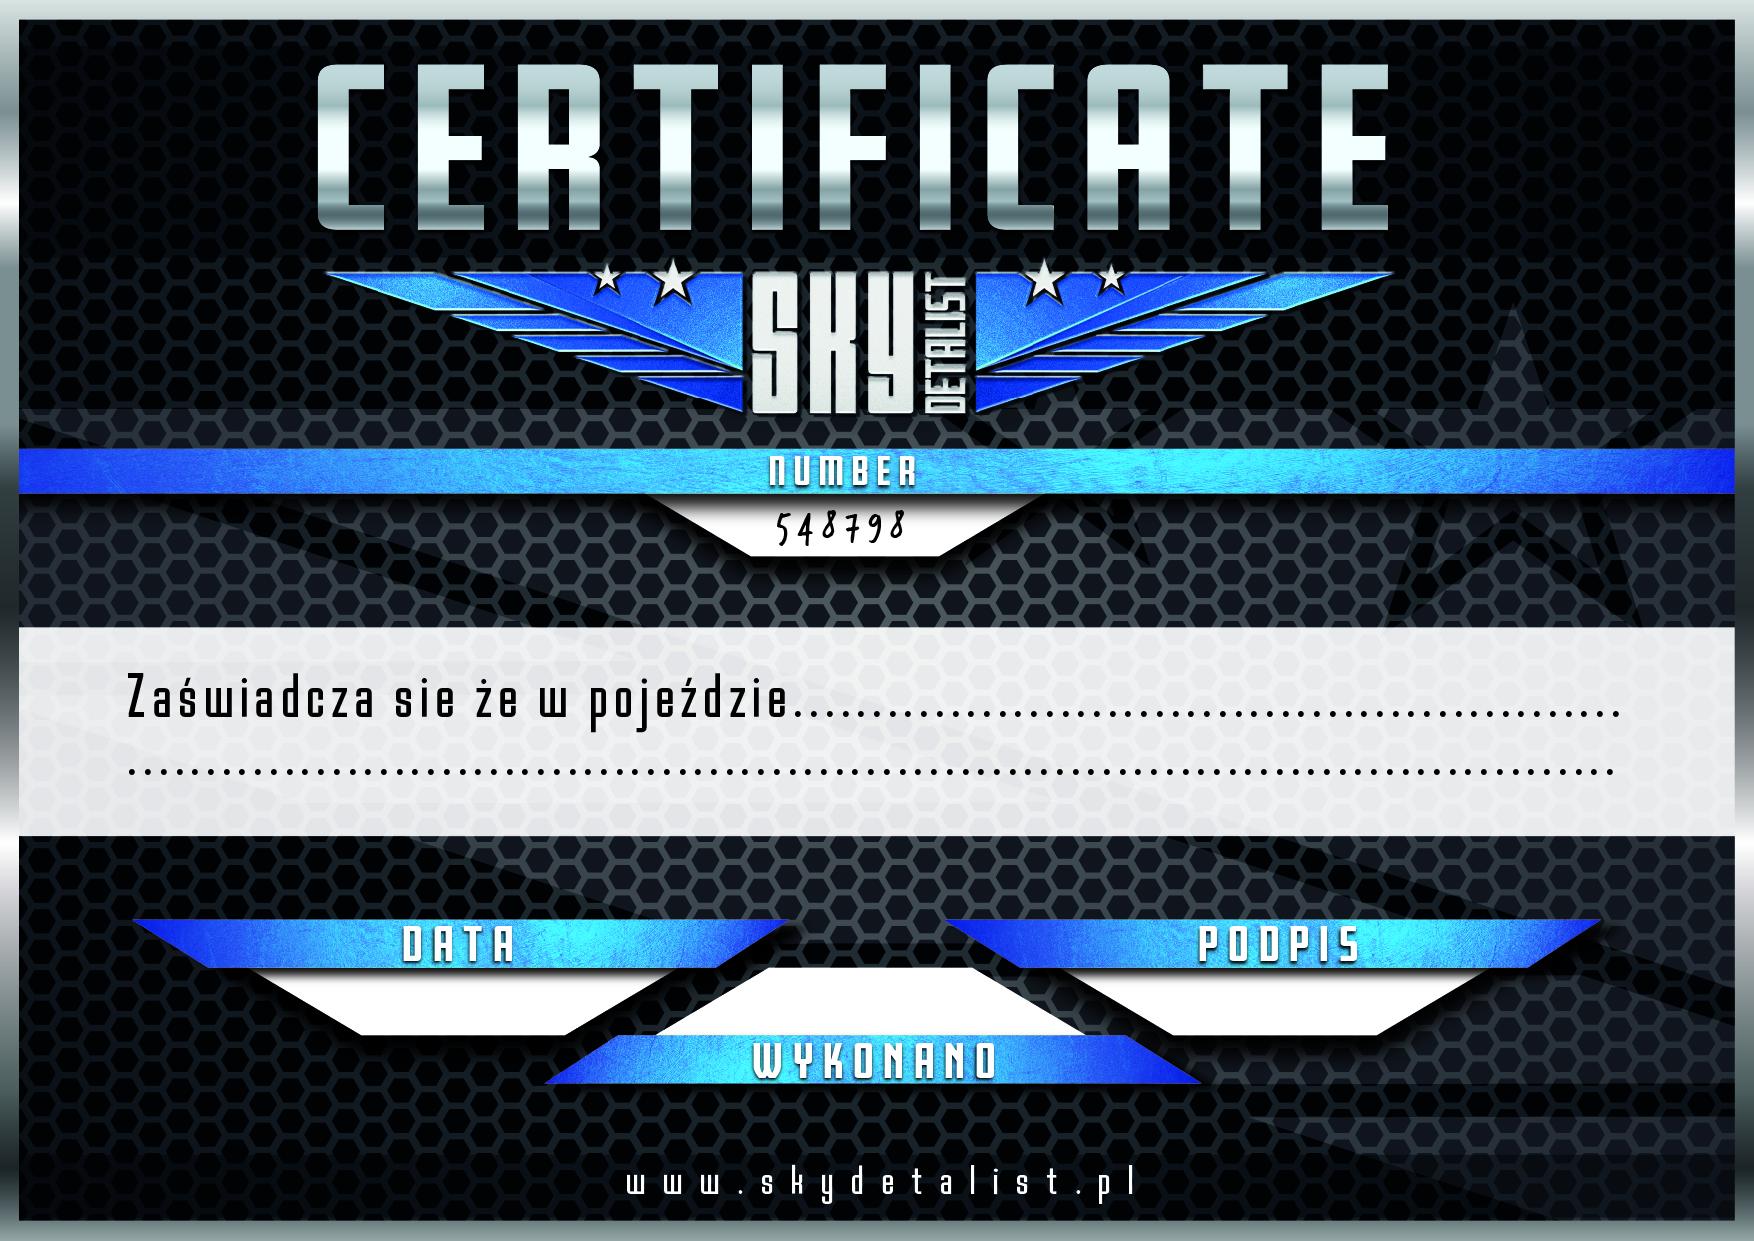 projekt certyfikatu_Obszar roboczy 1